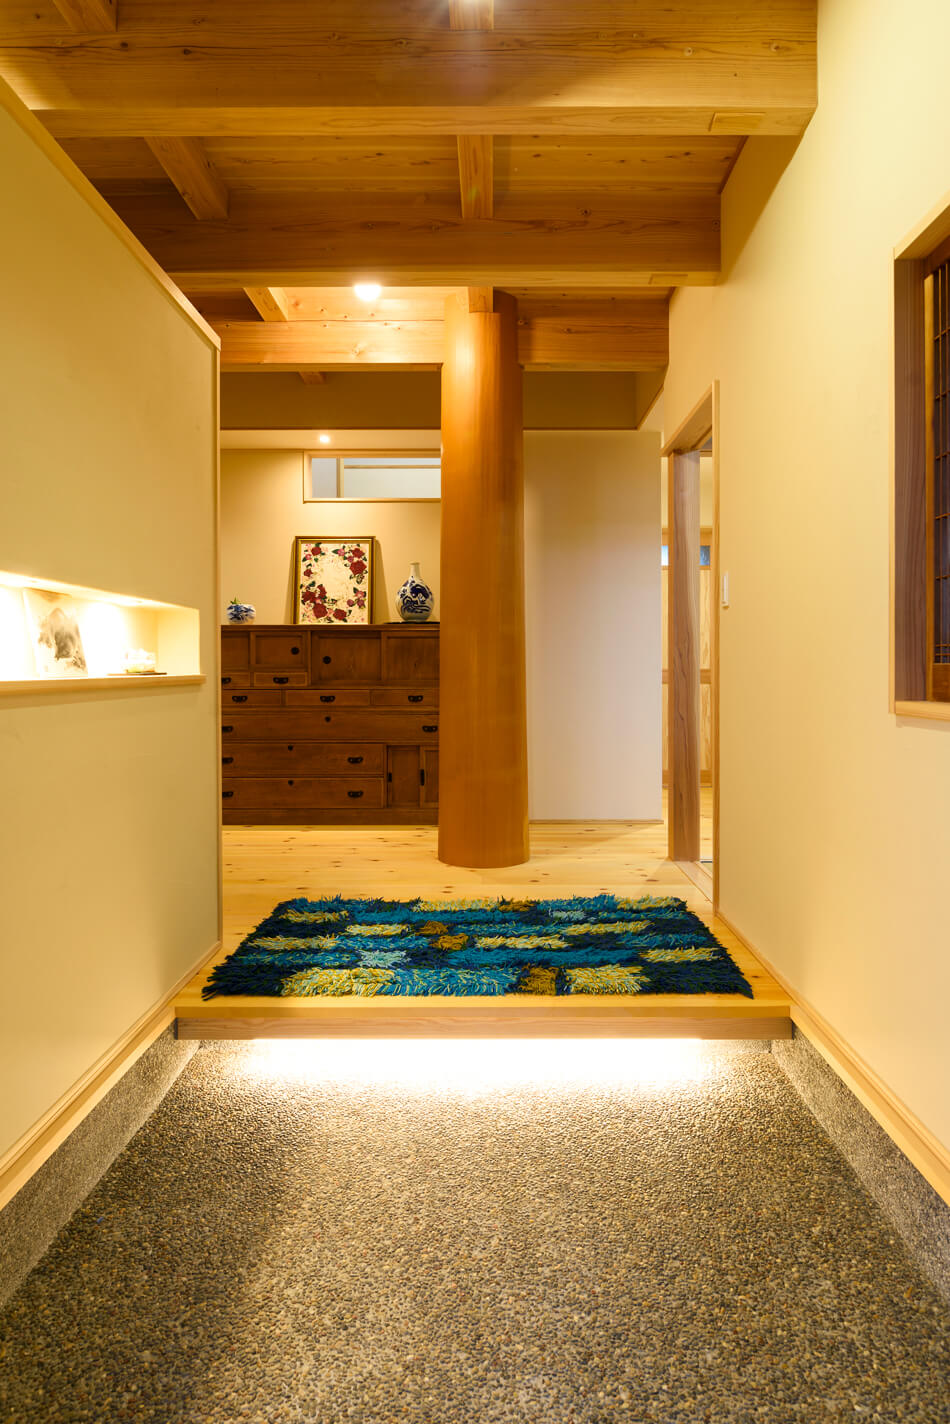 木の家|福岡の新築建築事例|2階建|4LDK|玄関|エコワークス|CASE-18|内観09